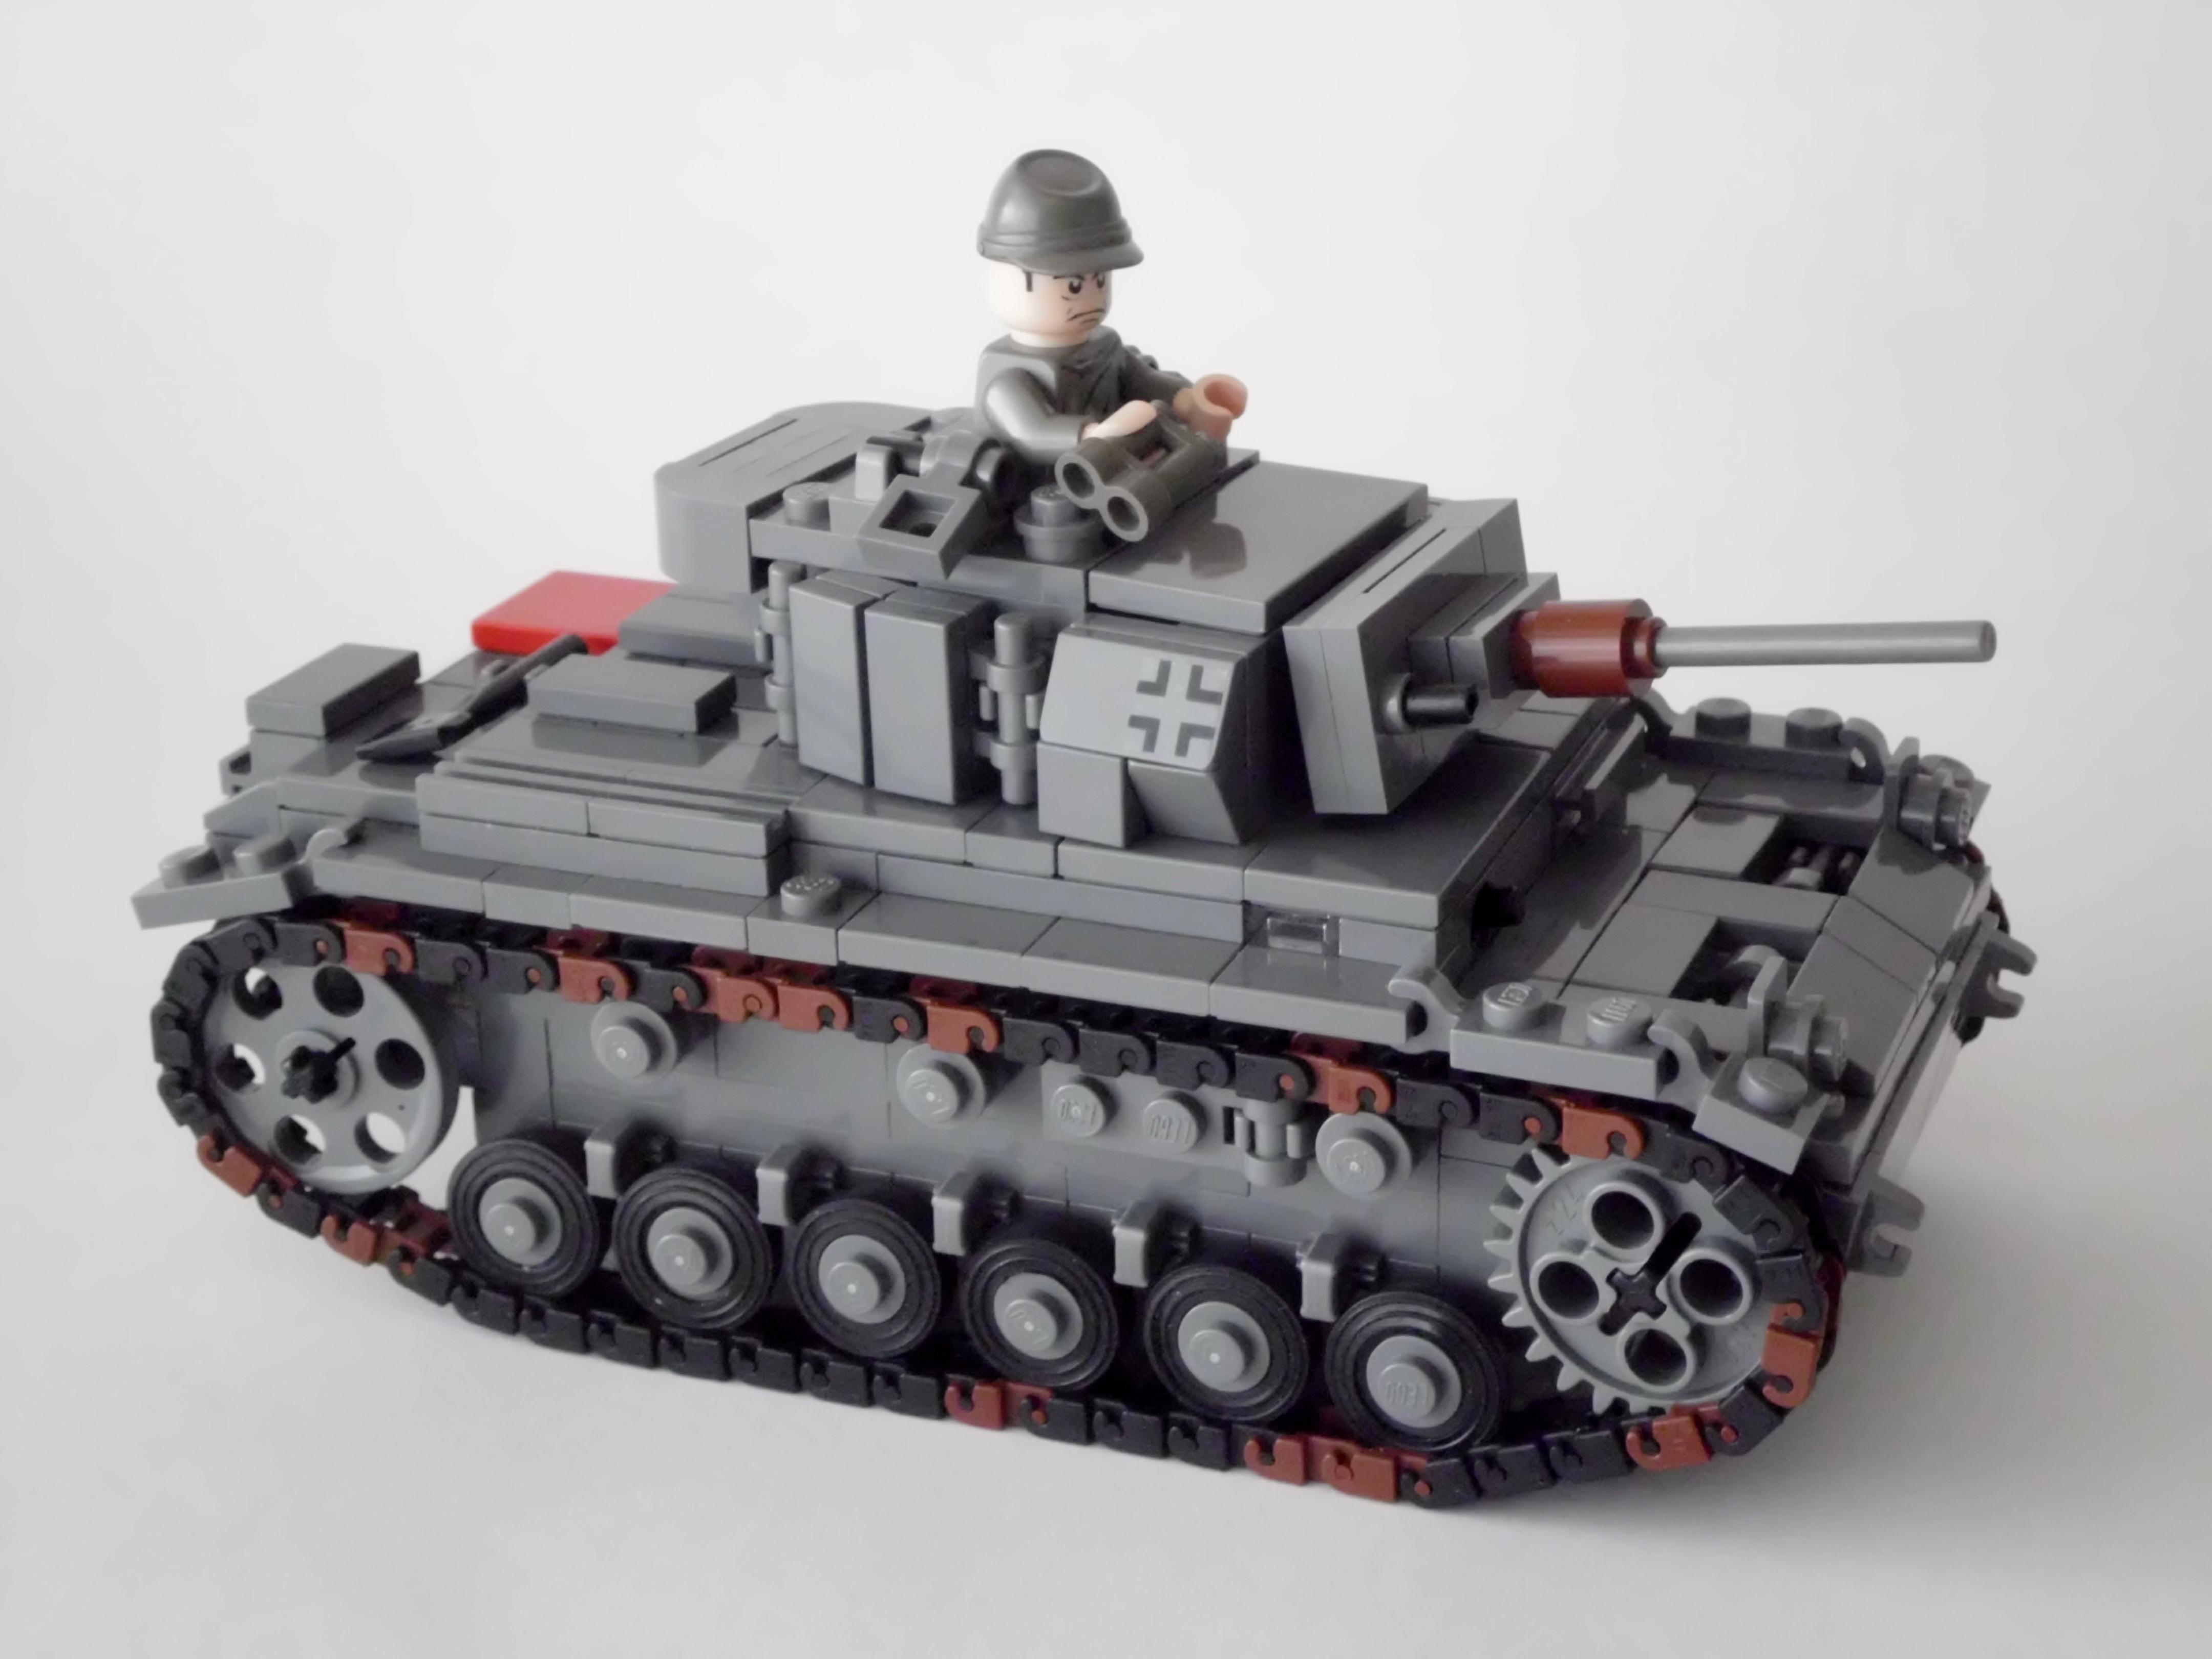 fond d 39 cran arme r servoir lego allemagne armure militaire jouet axe douane allemand. Black Bedroom Furniture Sets. Home Design Ideas